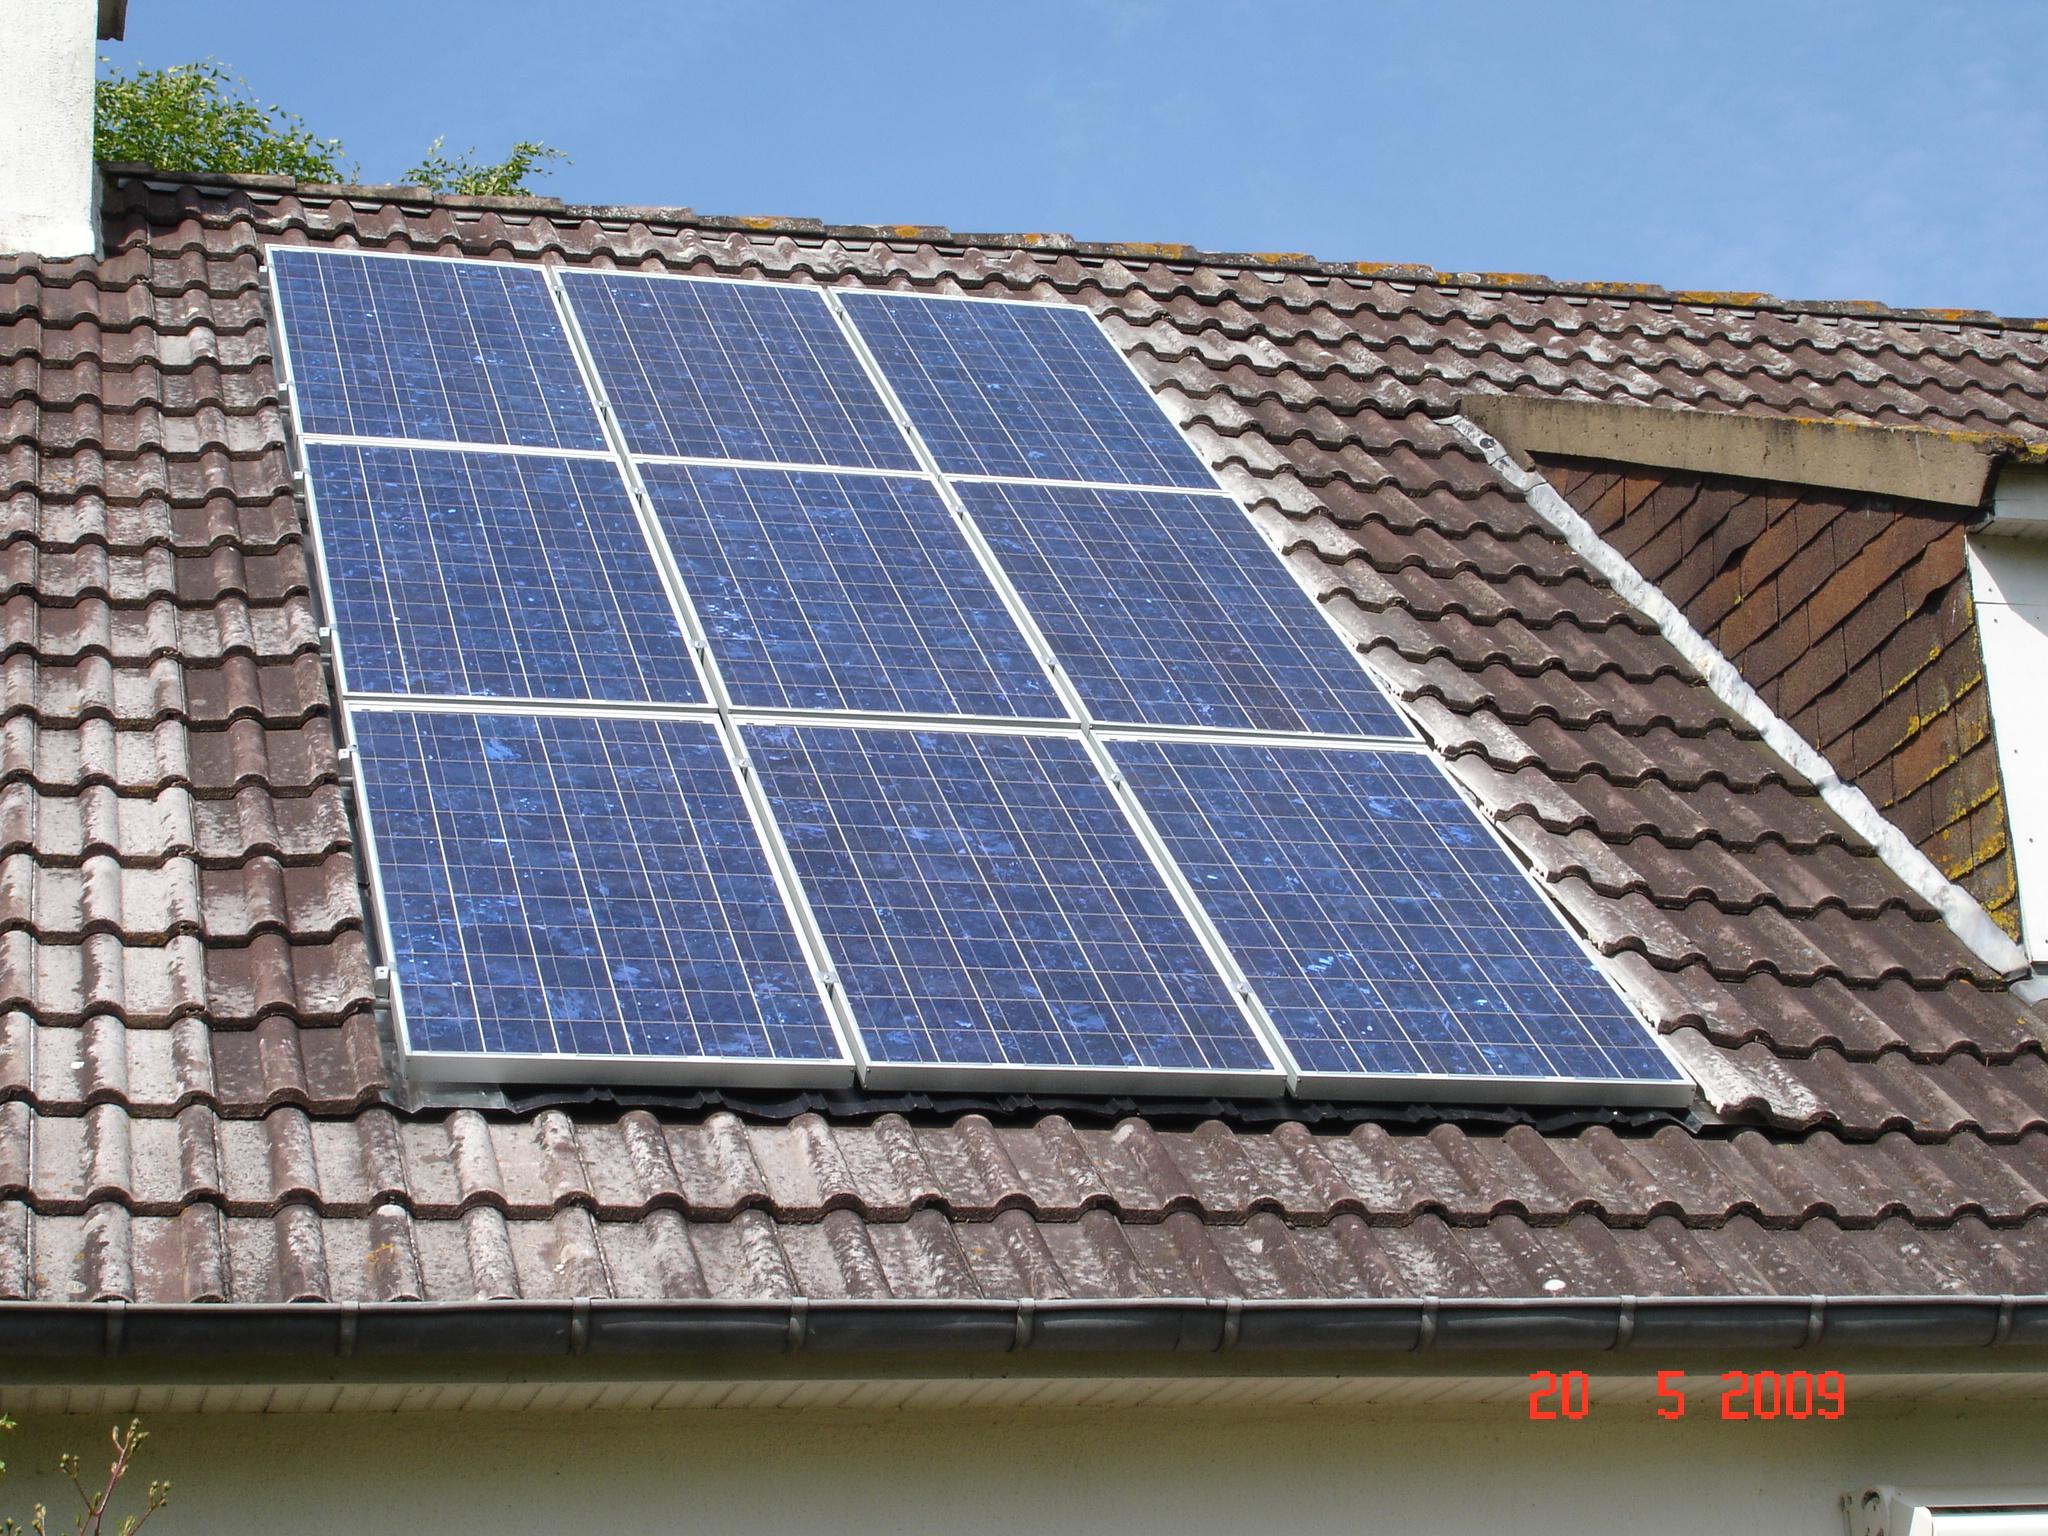 301 moved permanently - Fonctionnement des panneaux photovoltaiques ...